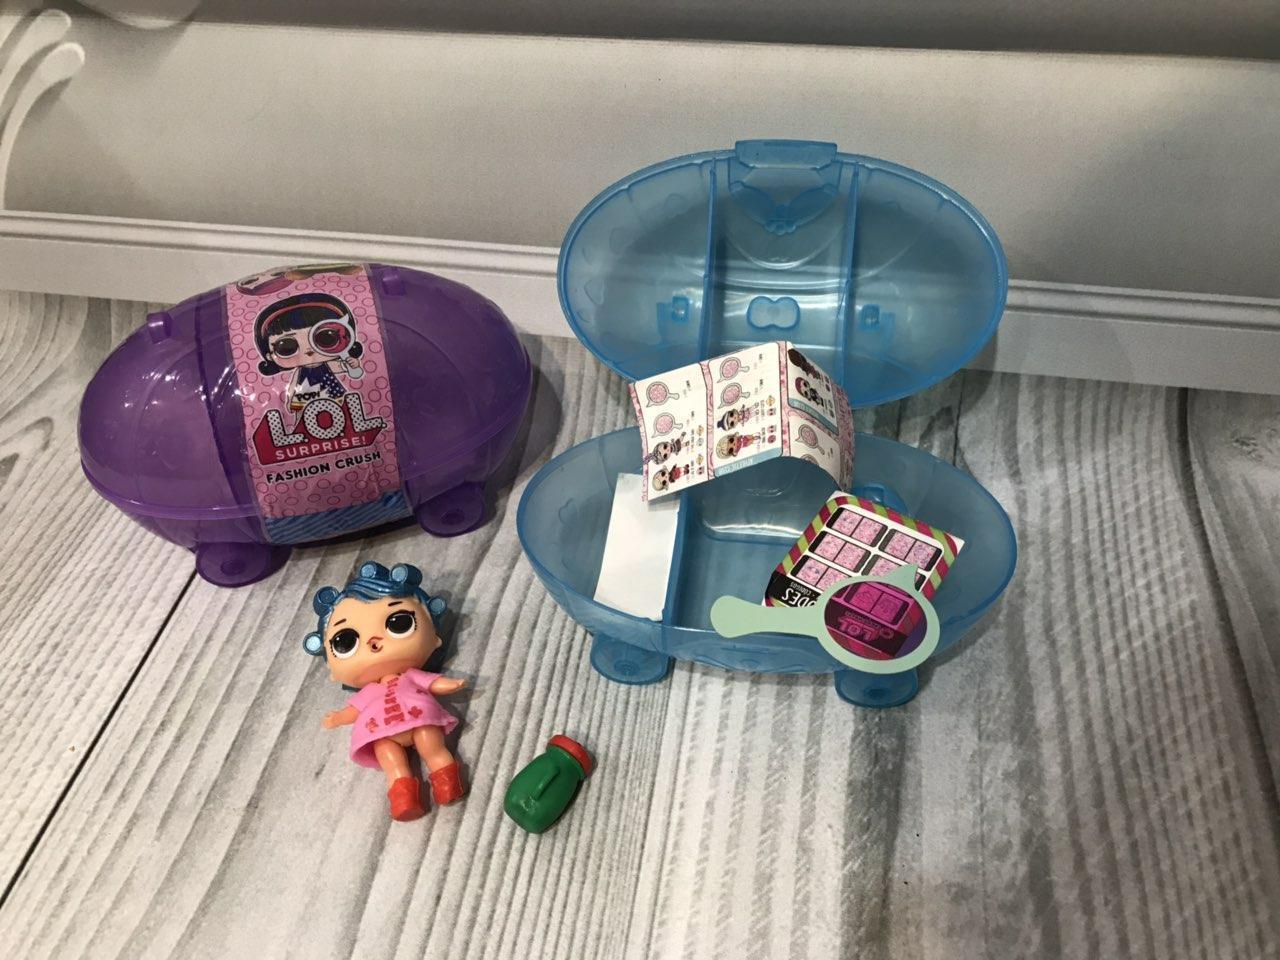 Кукла ЛОЛ в машинке